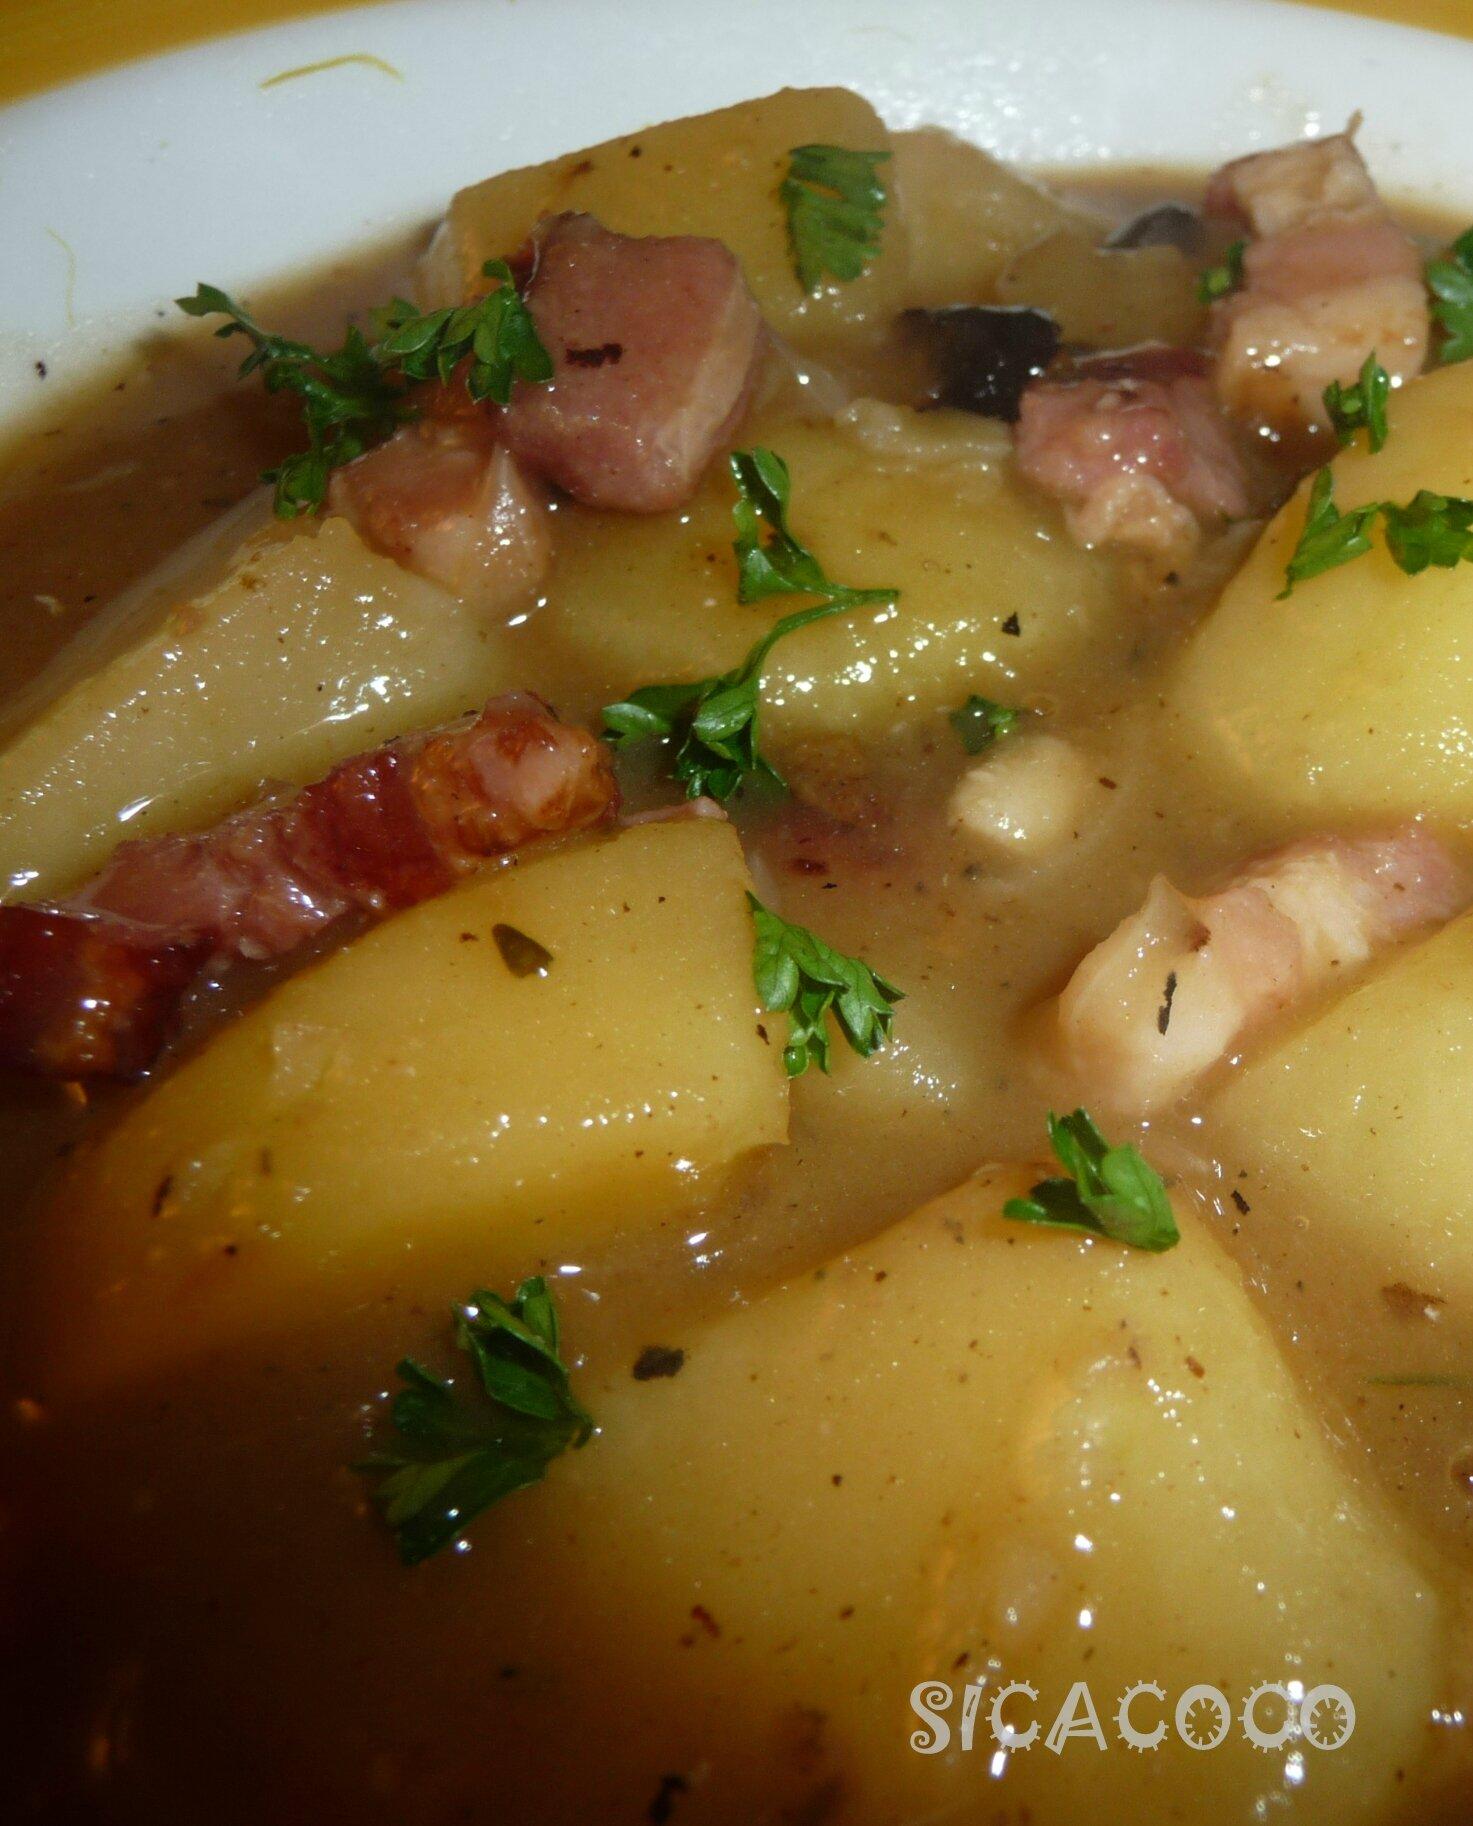 Ragout De Pommes De Terre : ragout, pommes, terre, RAGOÛT, POMMES, TERRE, CARNETS, DESICACOCO